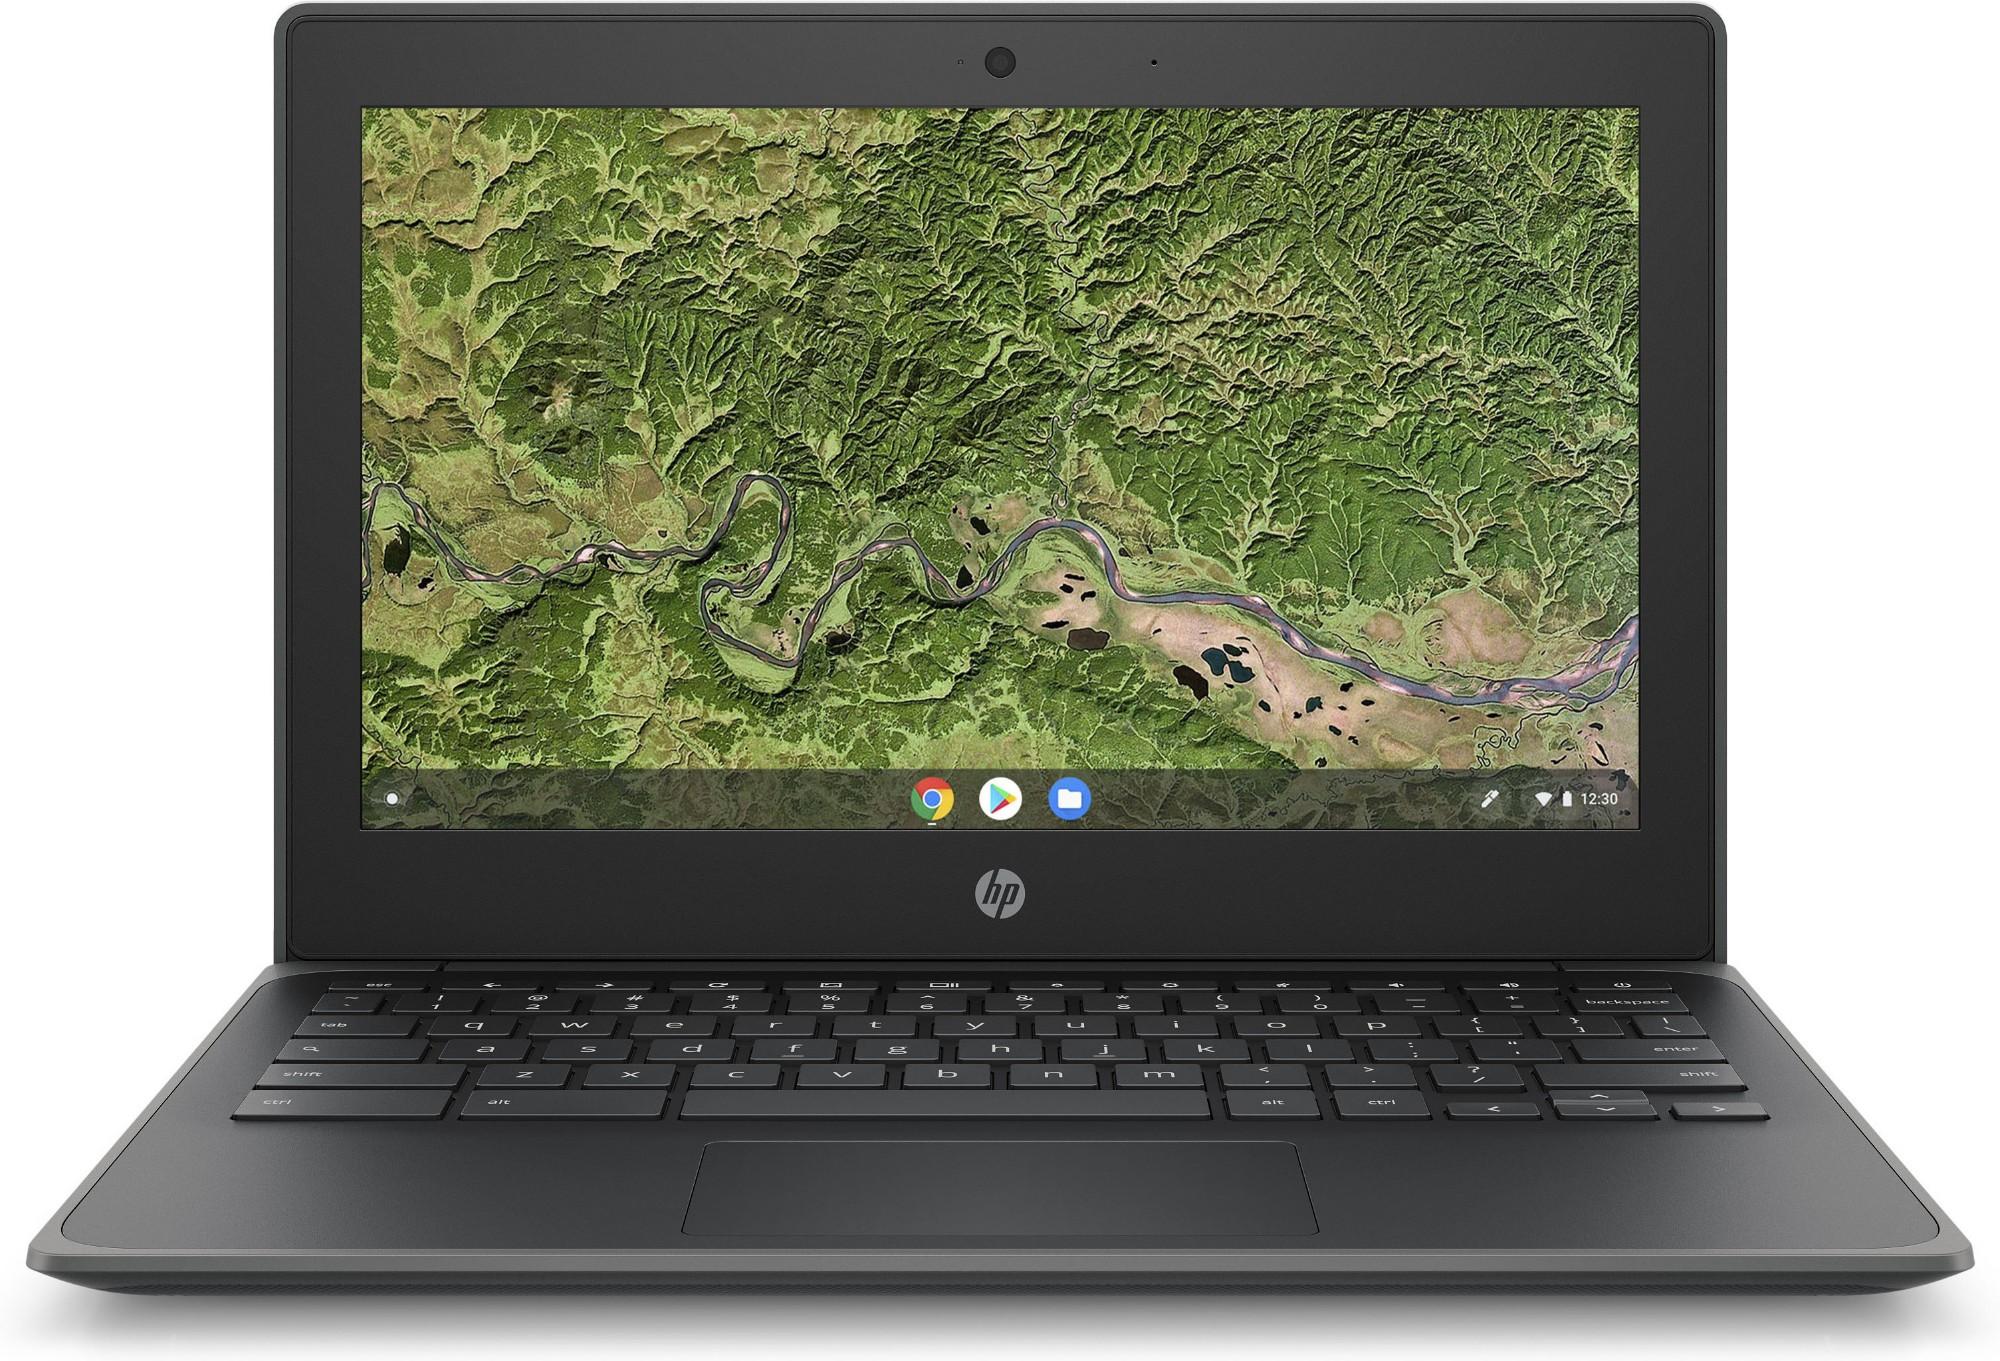 """HP Chromebook 11A G8 EE DDR4-SDRAM 29.5 cm (11.6"""") 1366 x 768 pixels AMD A4 4 GB 32 GB eMMC Wi-Fi 5 (802.11ac) Chrome OS Grey"""